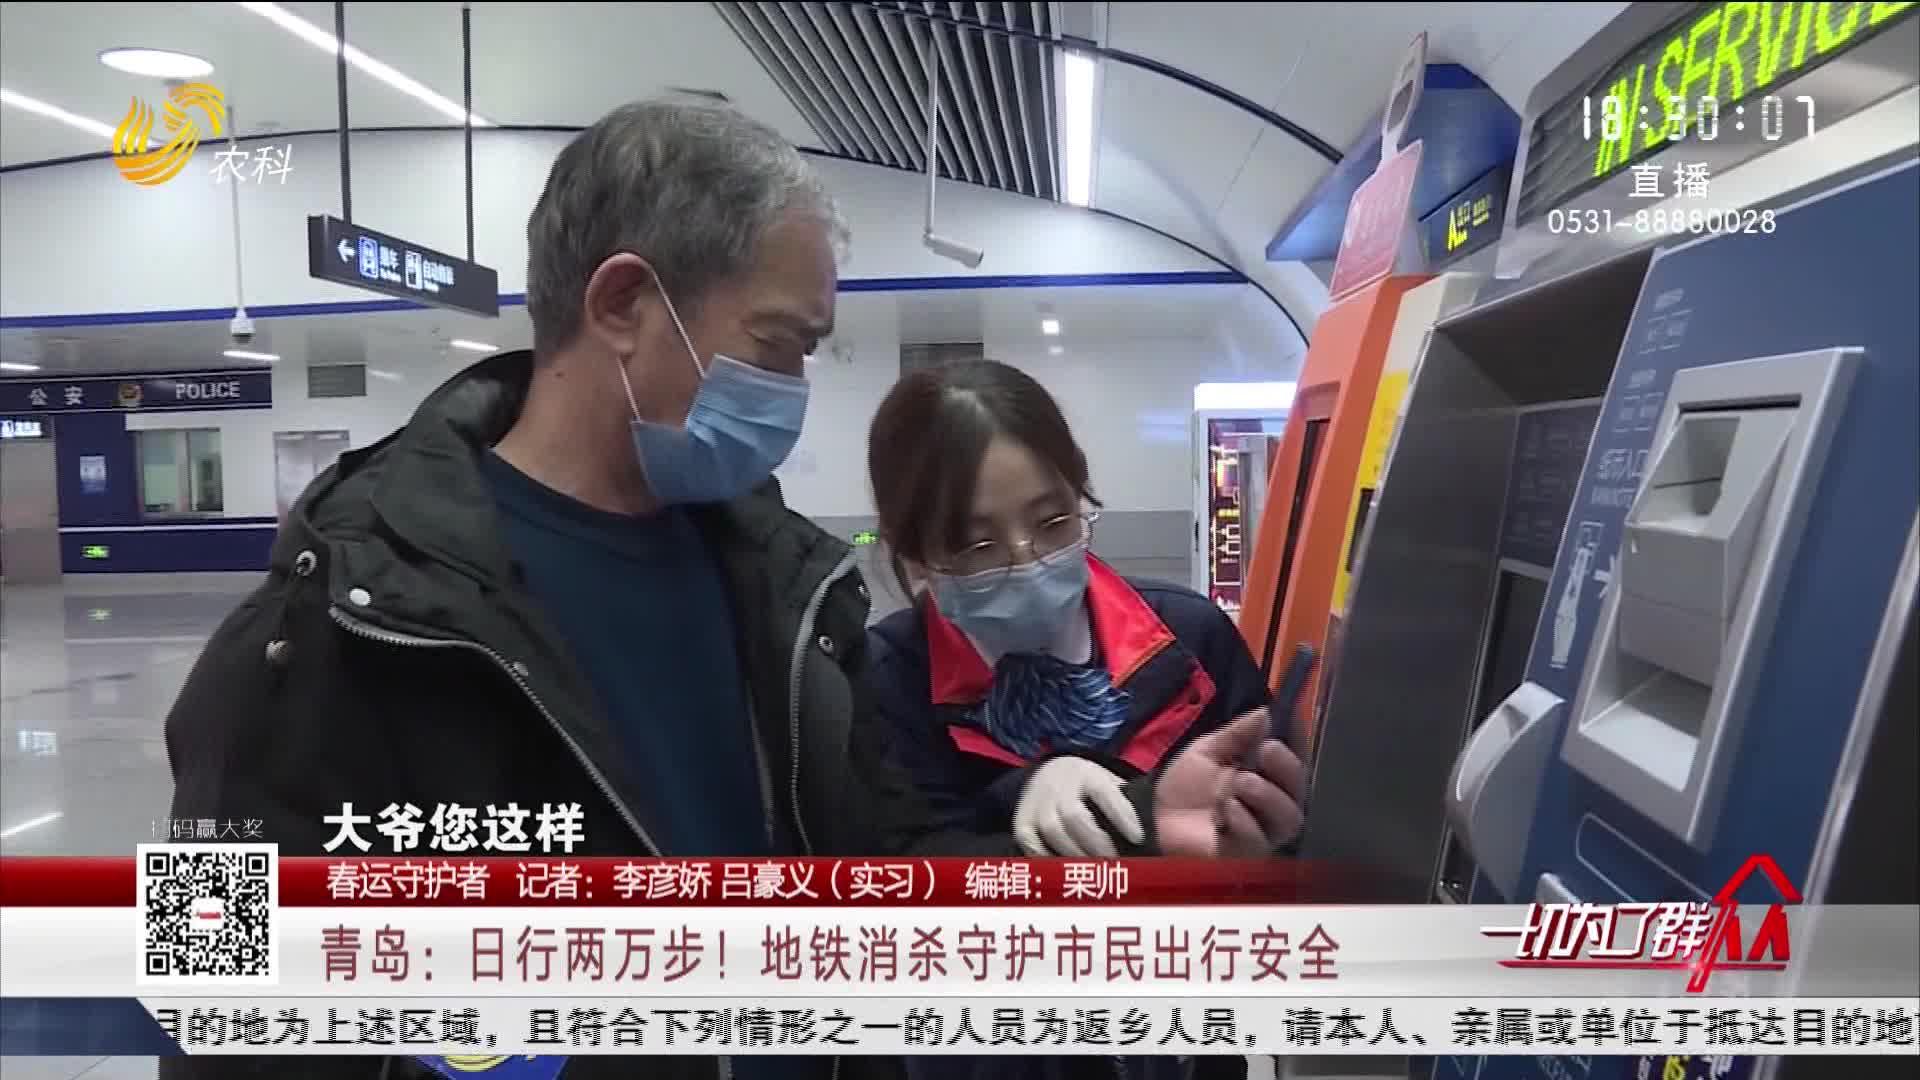 【春运守护者】青岛:日行两万步!地铁消杀守护市民出行安全